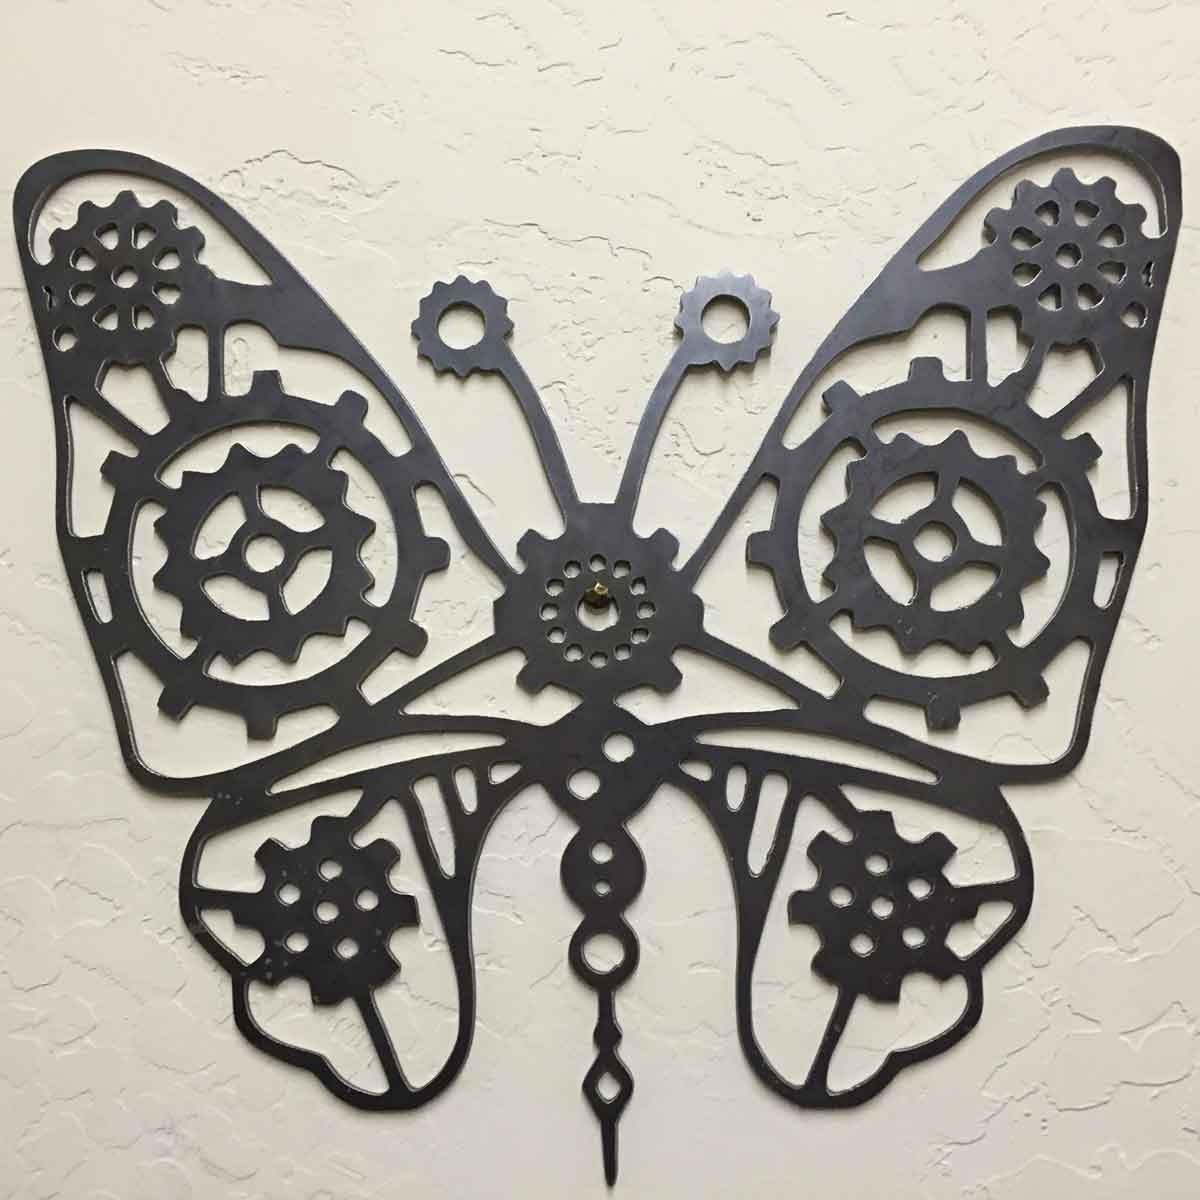 Steel Steampunk Butterfly Wall Decor By Louswelding On Etsy